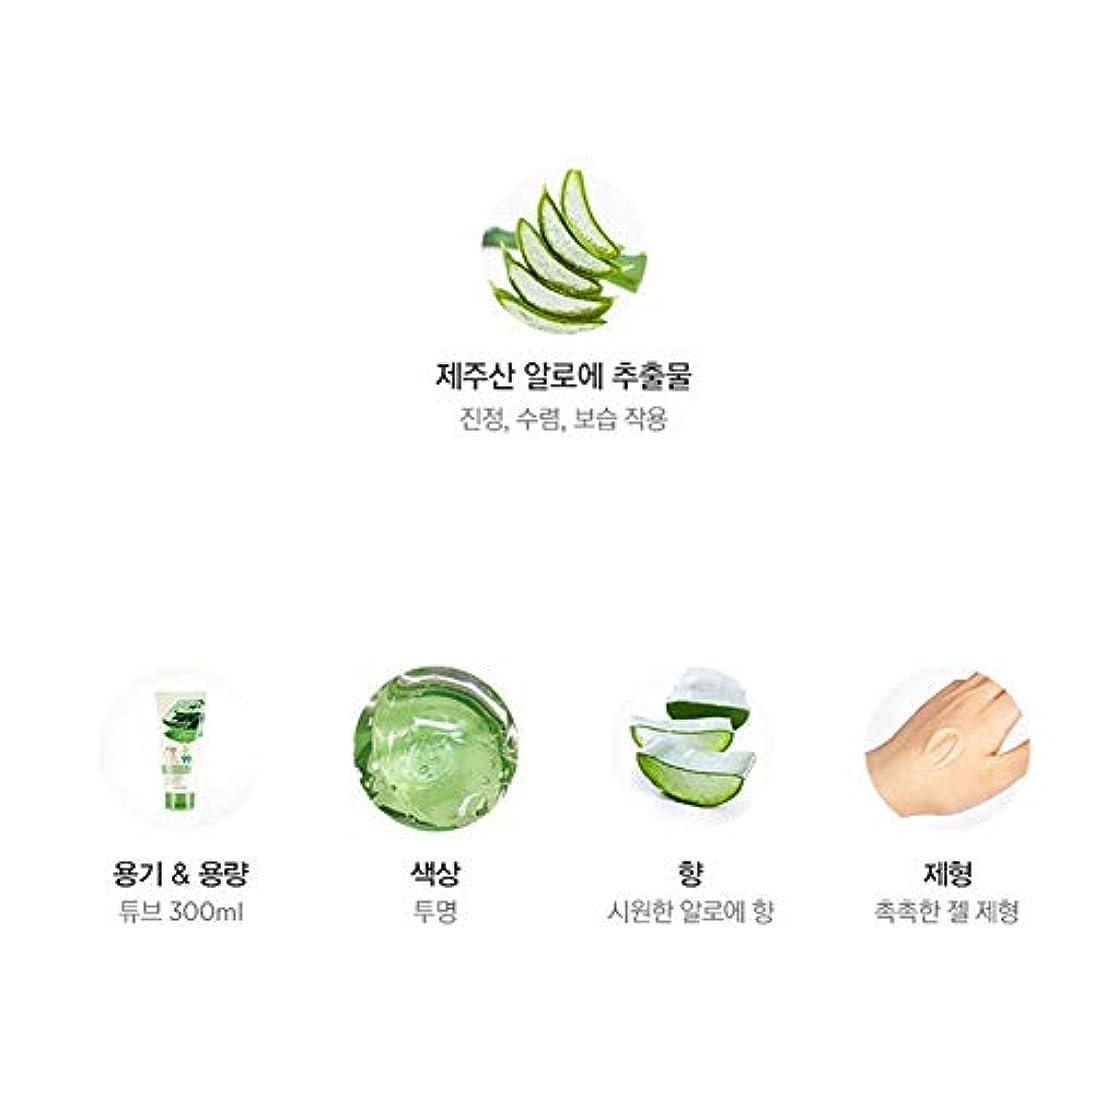 凝視血ポインタザ?フェイスショップ済州アロエ新鮮なスーディングジェル300ml x 2本セット韓国コスメ、The Face Shop Jeju Aloe Fresh Soothing Gel 300ml x 2ea Set Korean...